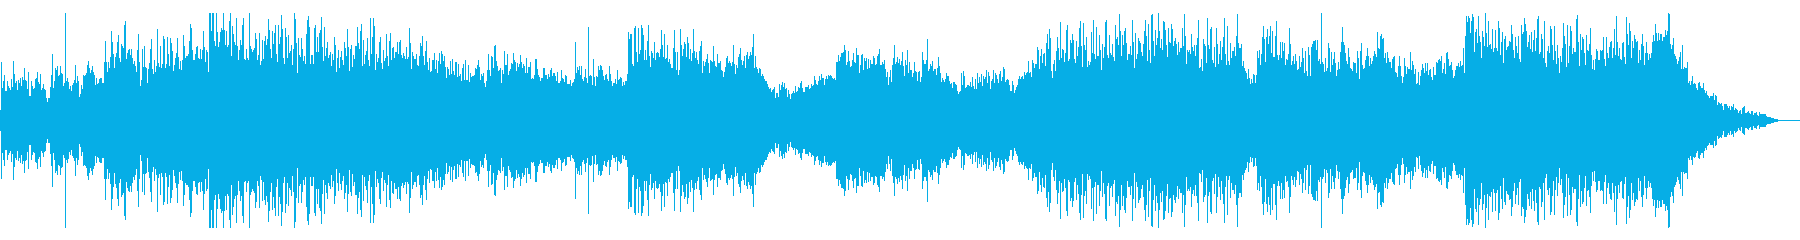 不気味でシネマティックなビートの再生済みの波形